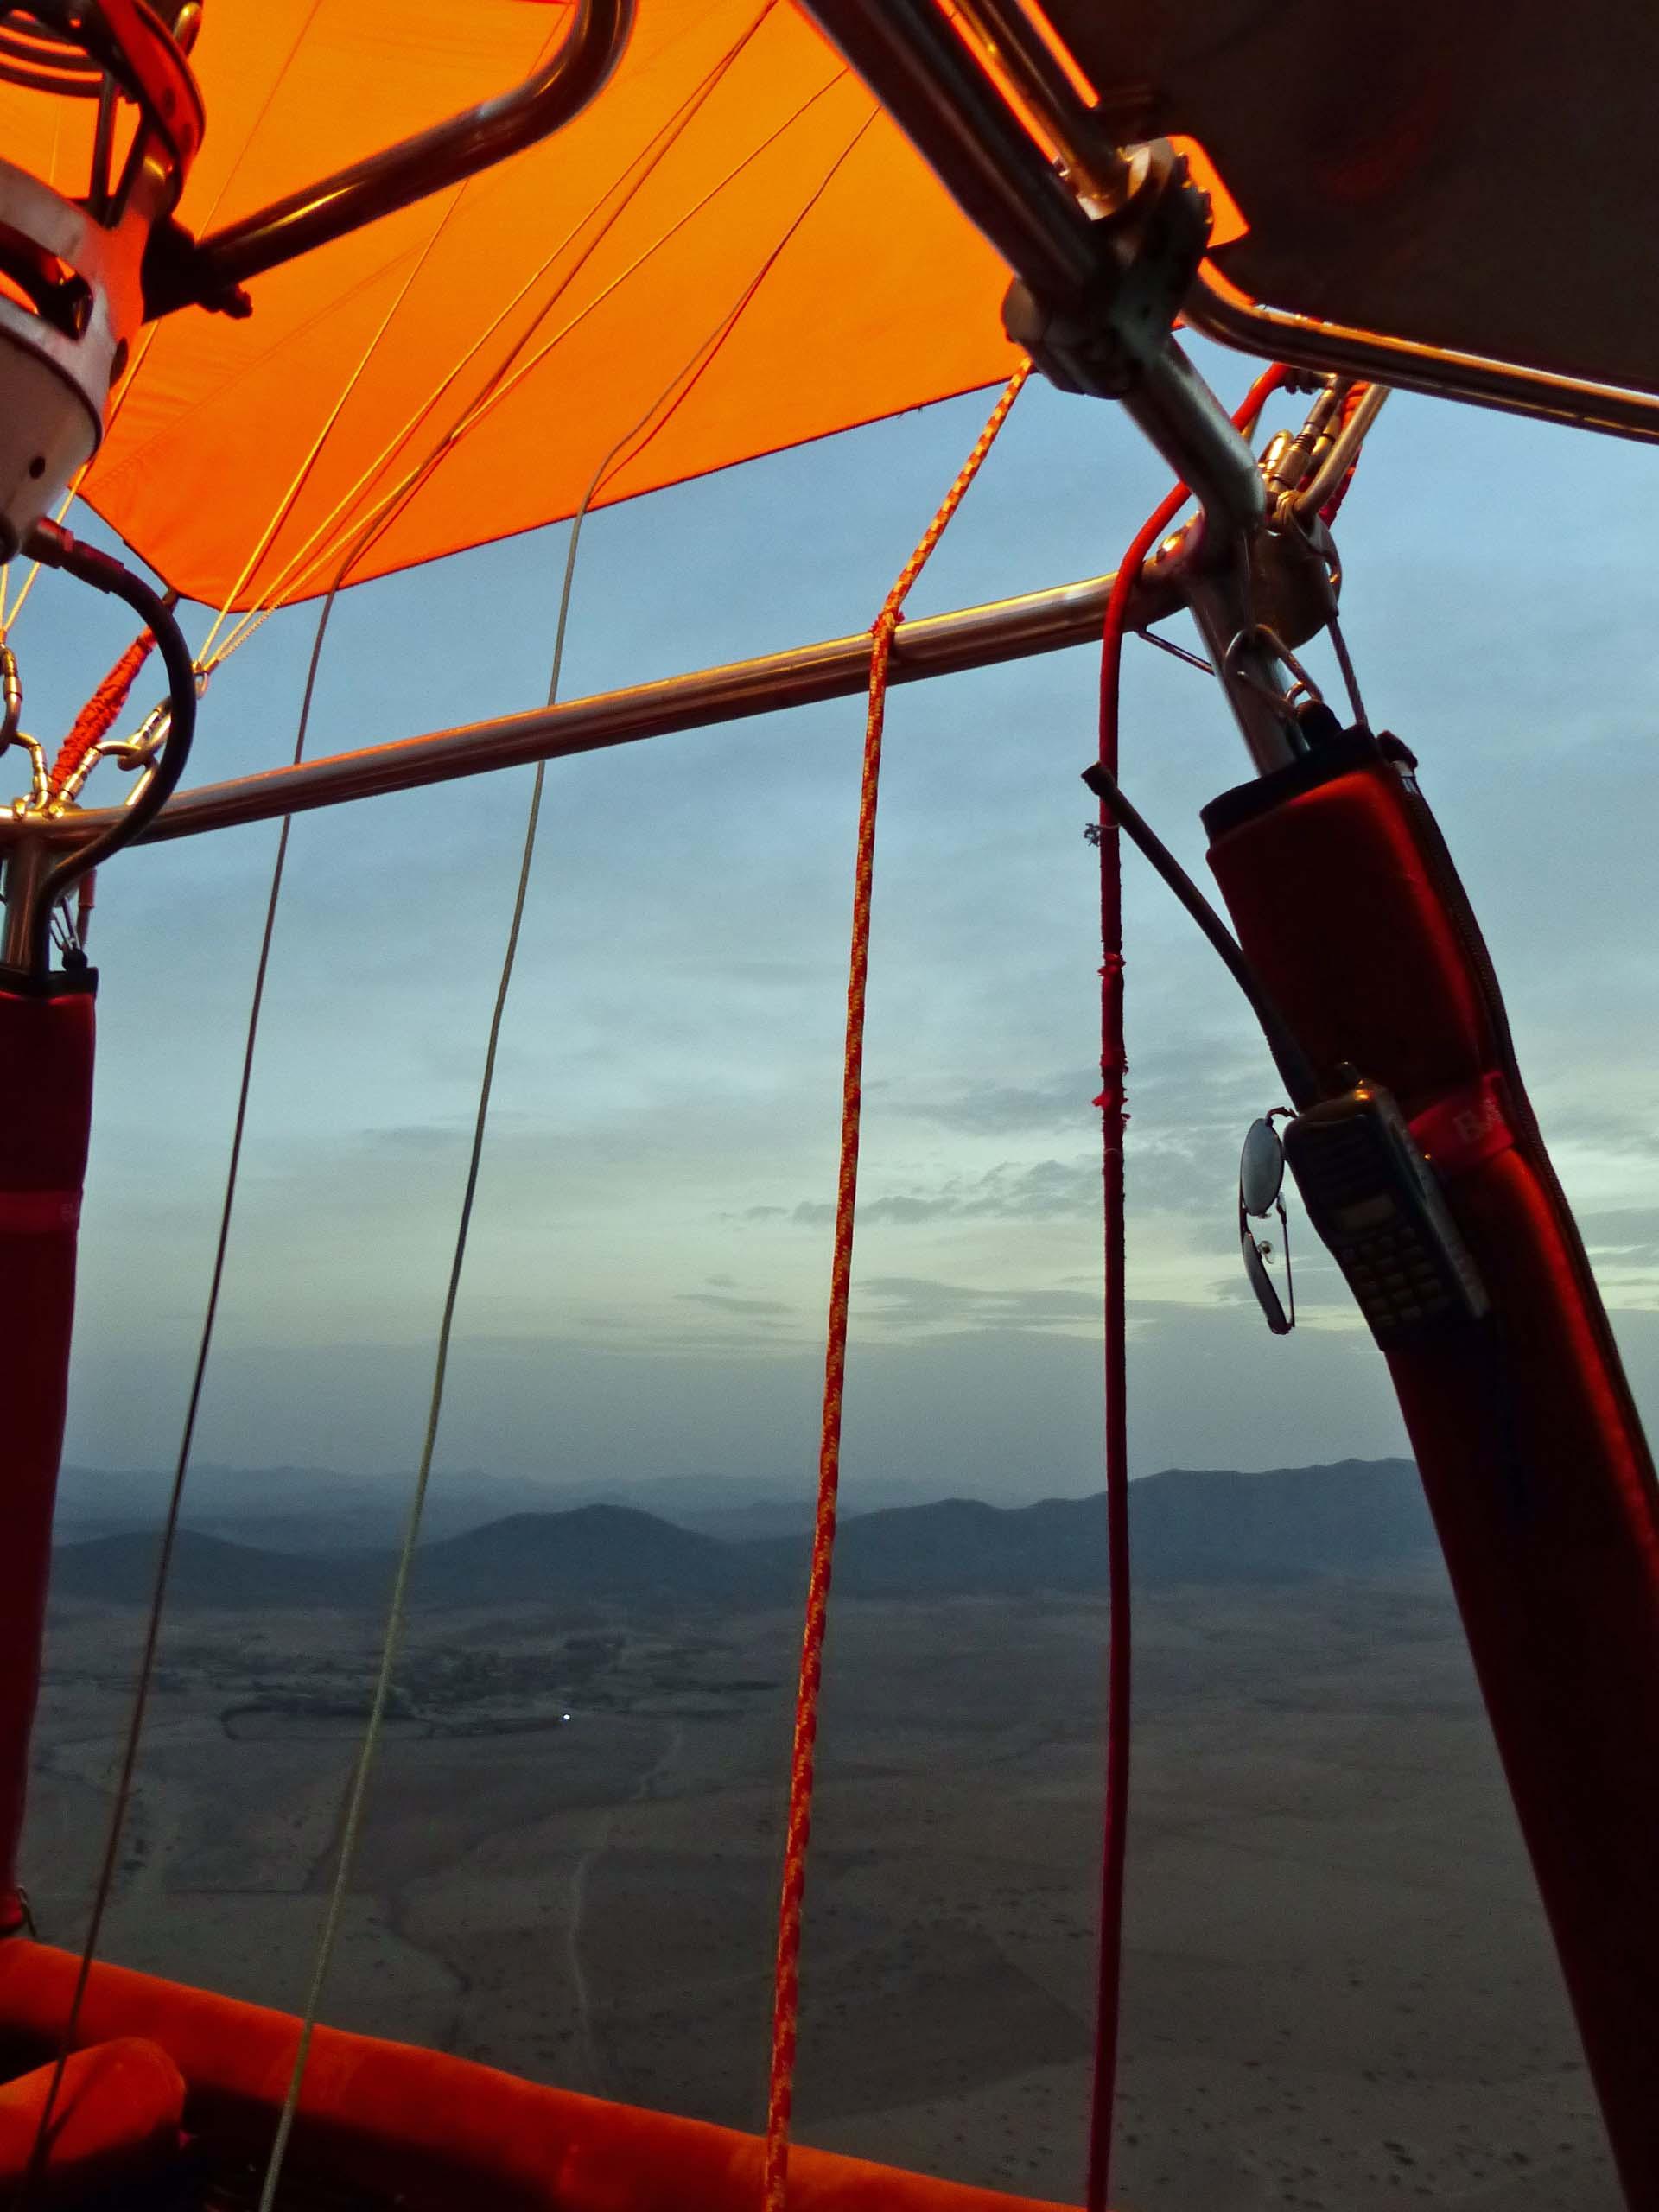 Desert view from hot air balloon basket